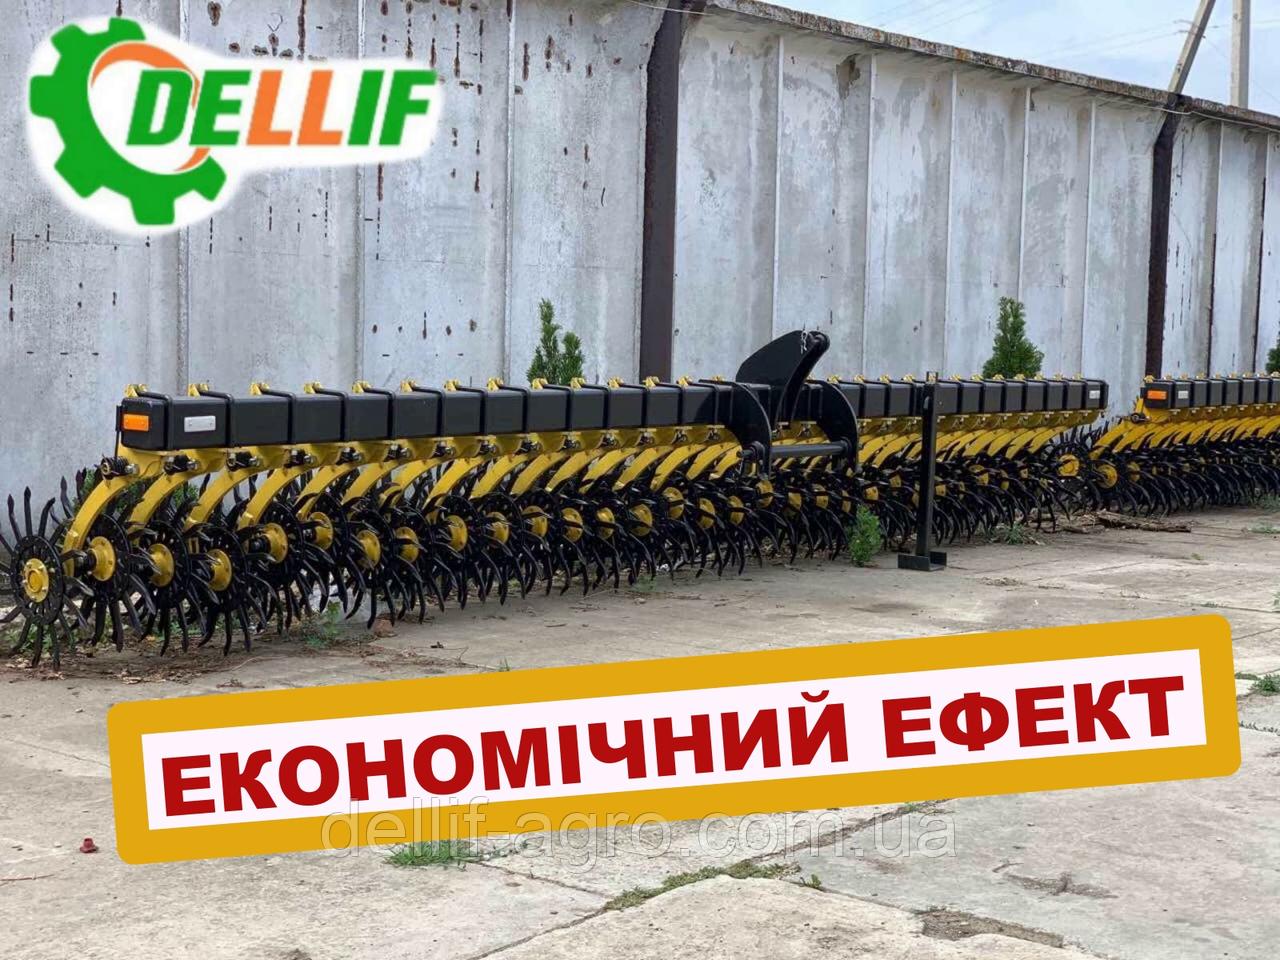 Борона ротационная мотыга Dellif  Белла 6 м 25 рабочих органов  Инновация